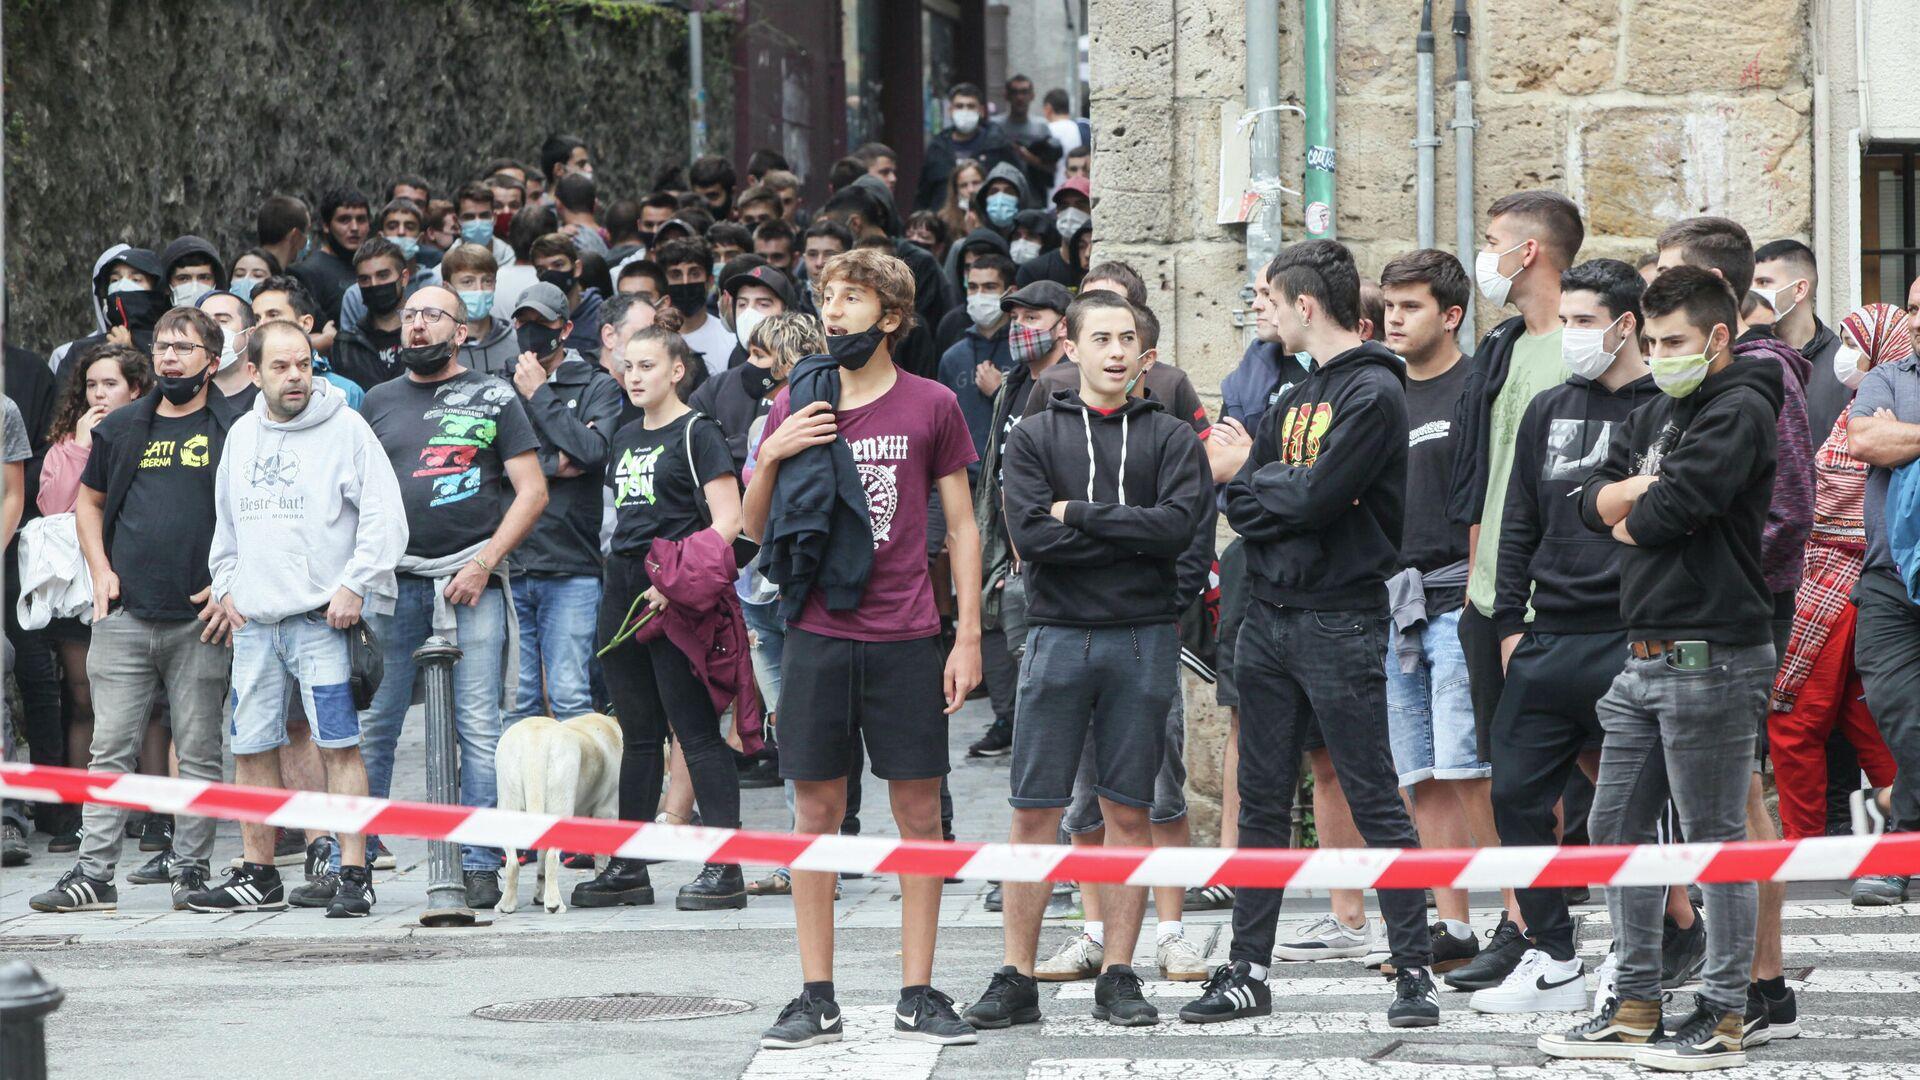 Varias personas participan en una concentración convocada por Sare Antifascista contra la presencia de Vox en otra concentración en Arrasate, a 18 de septiembre de 2021, en Arrasate (Mondragón), Guipúzcoa, Euskadi (España), el 18 de septiembre de 2021  - Sputnik Mundo, 1920, 18.09.2021